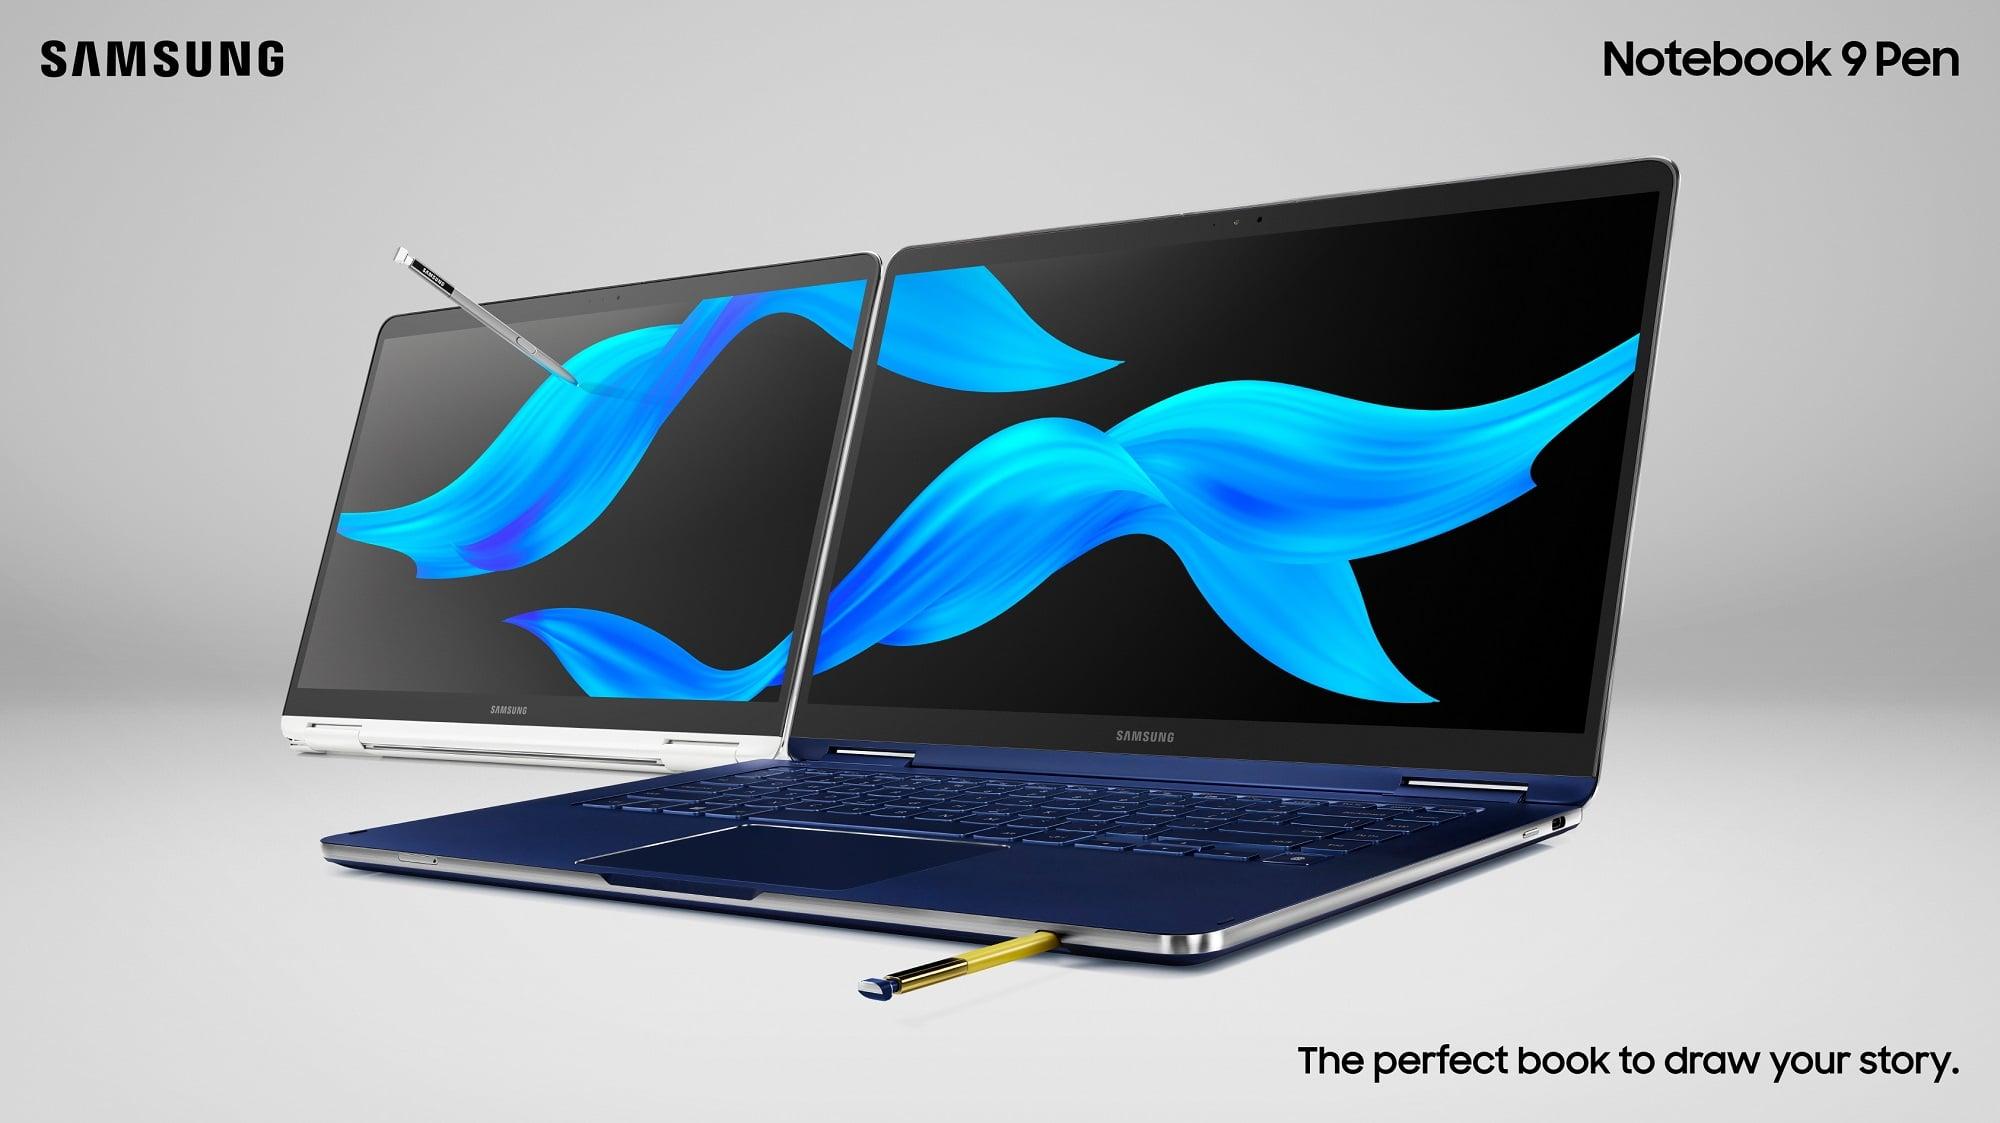 Patrzę na Notebook 9 Pen i szczerze żałuję, że Samsung nie sprzedaje w Polsce swoich laptopów 25